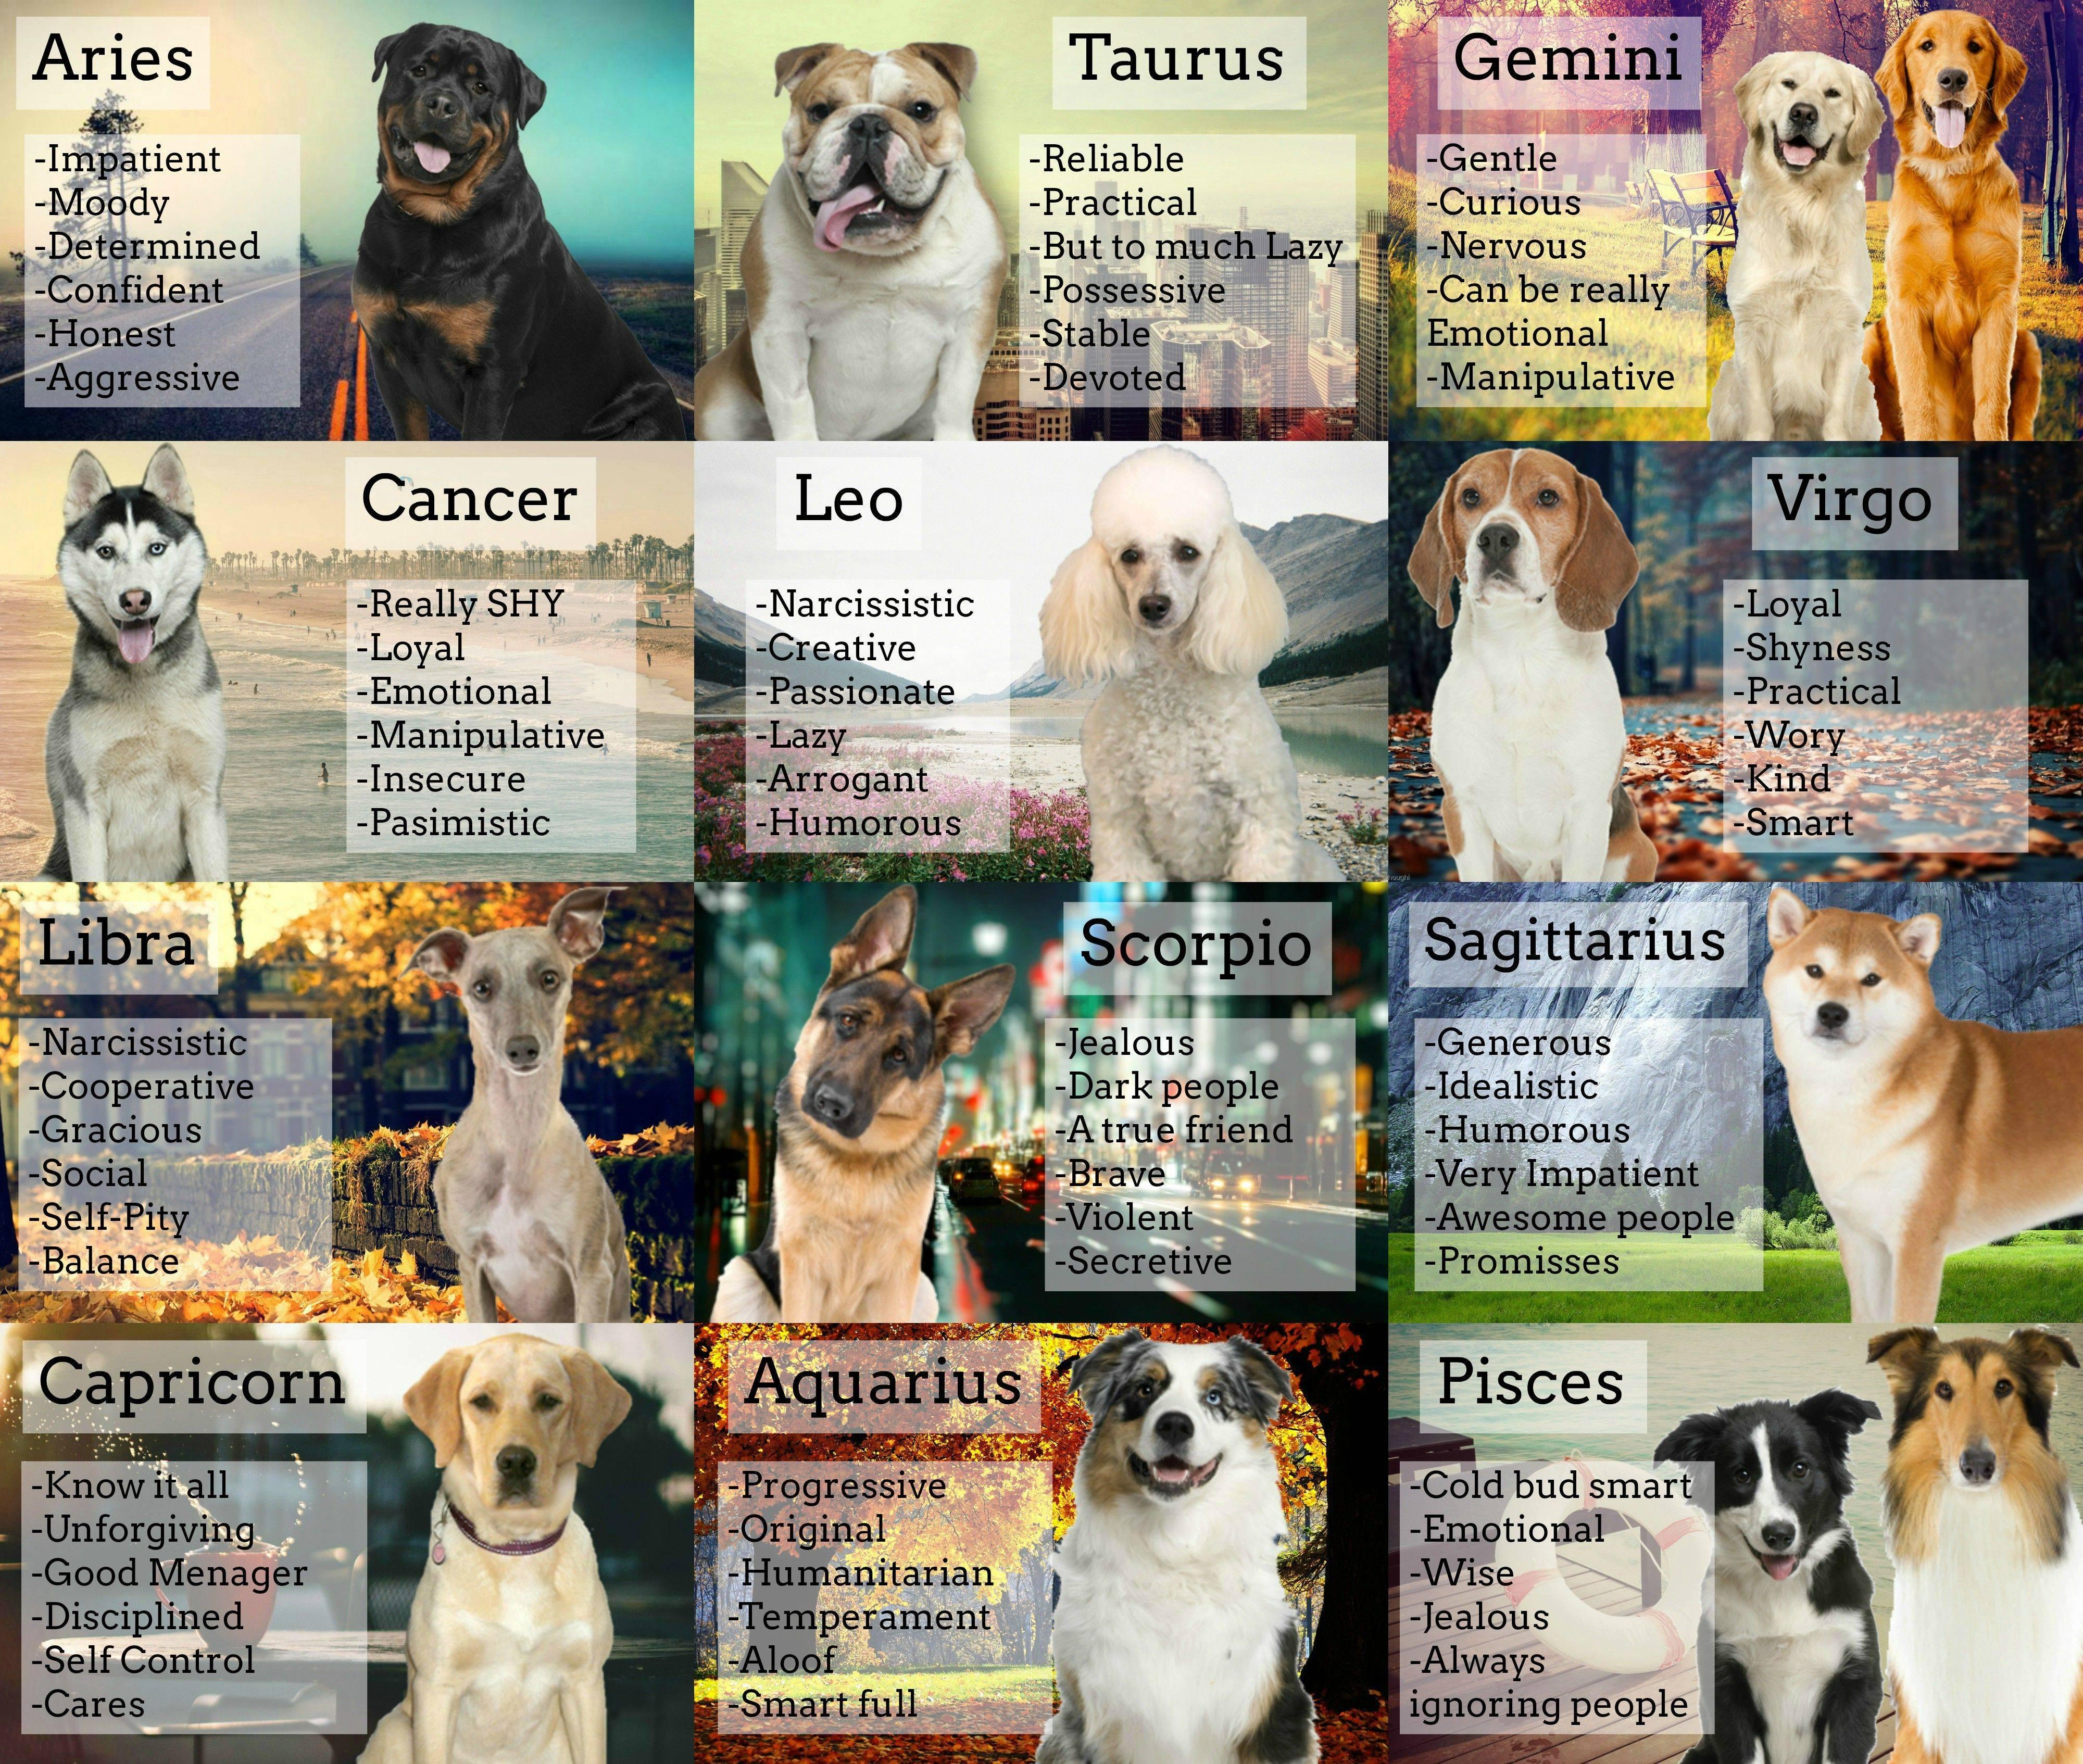 Собака по знаку зодиака: какая подходит близнецам и людям, которые рождены под иными созвездиями, и совместимость хозяина с породой питомца